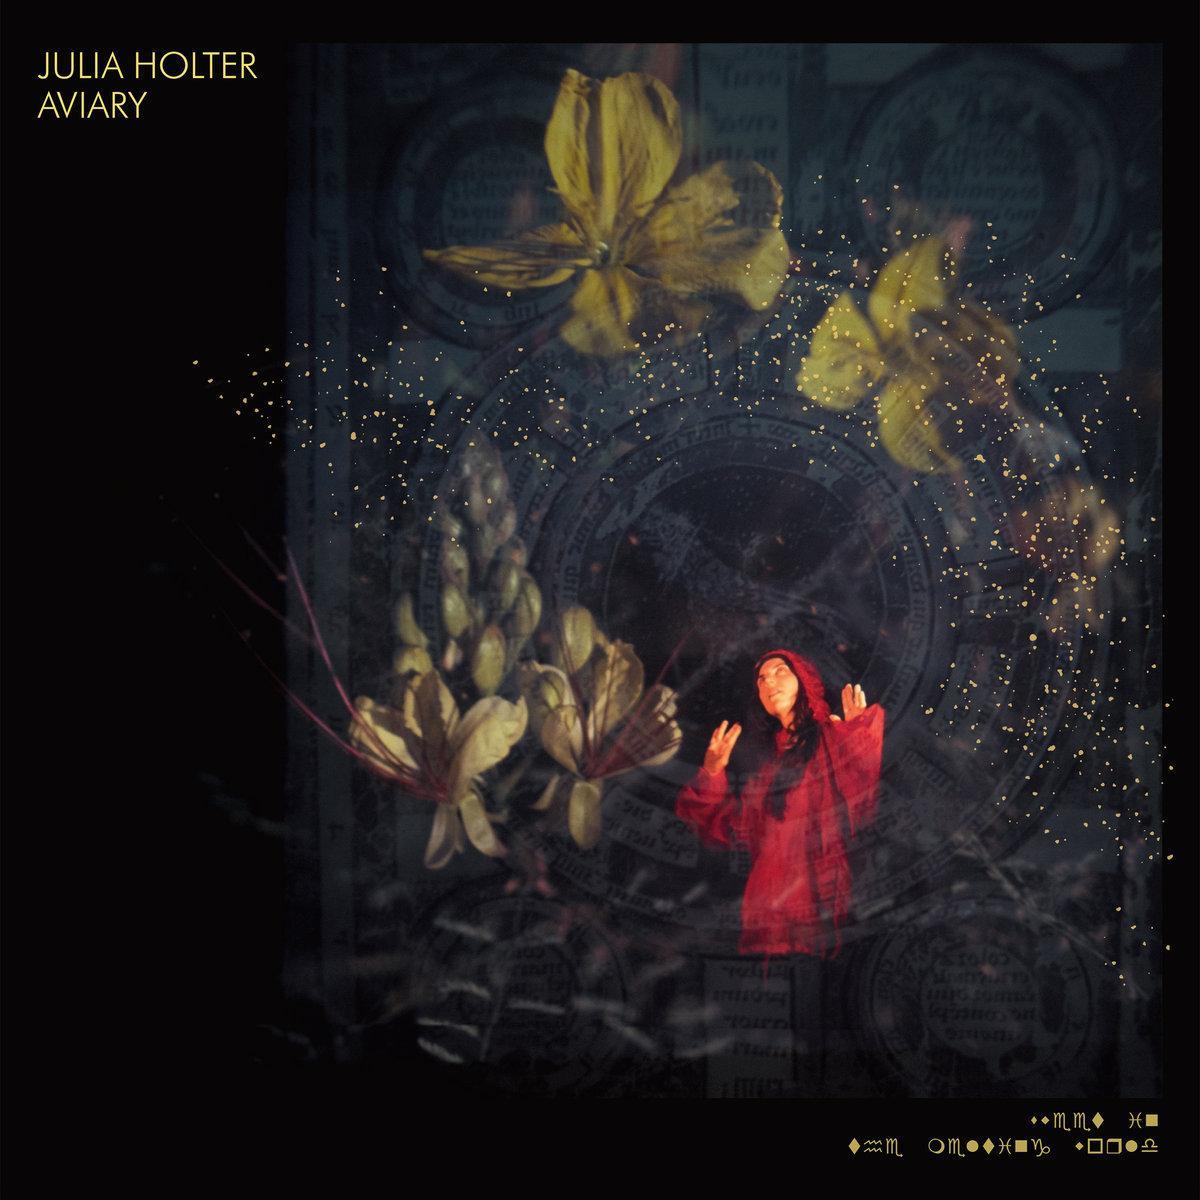 Popneuerscheinungen: Julia Holter – Aviary